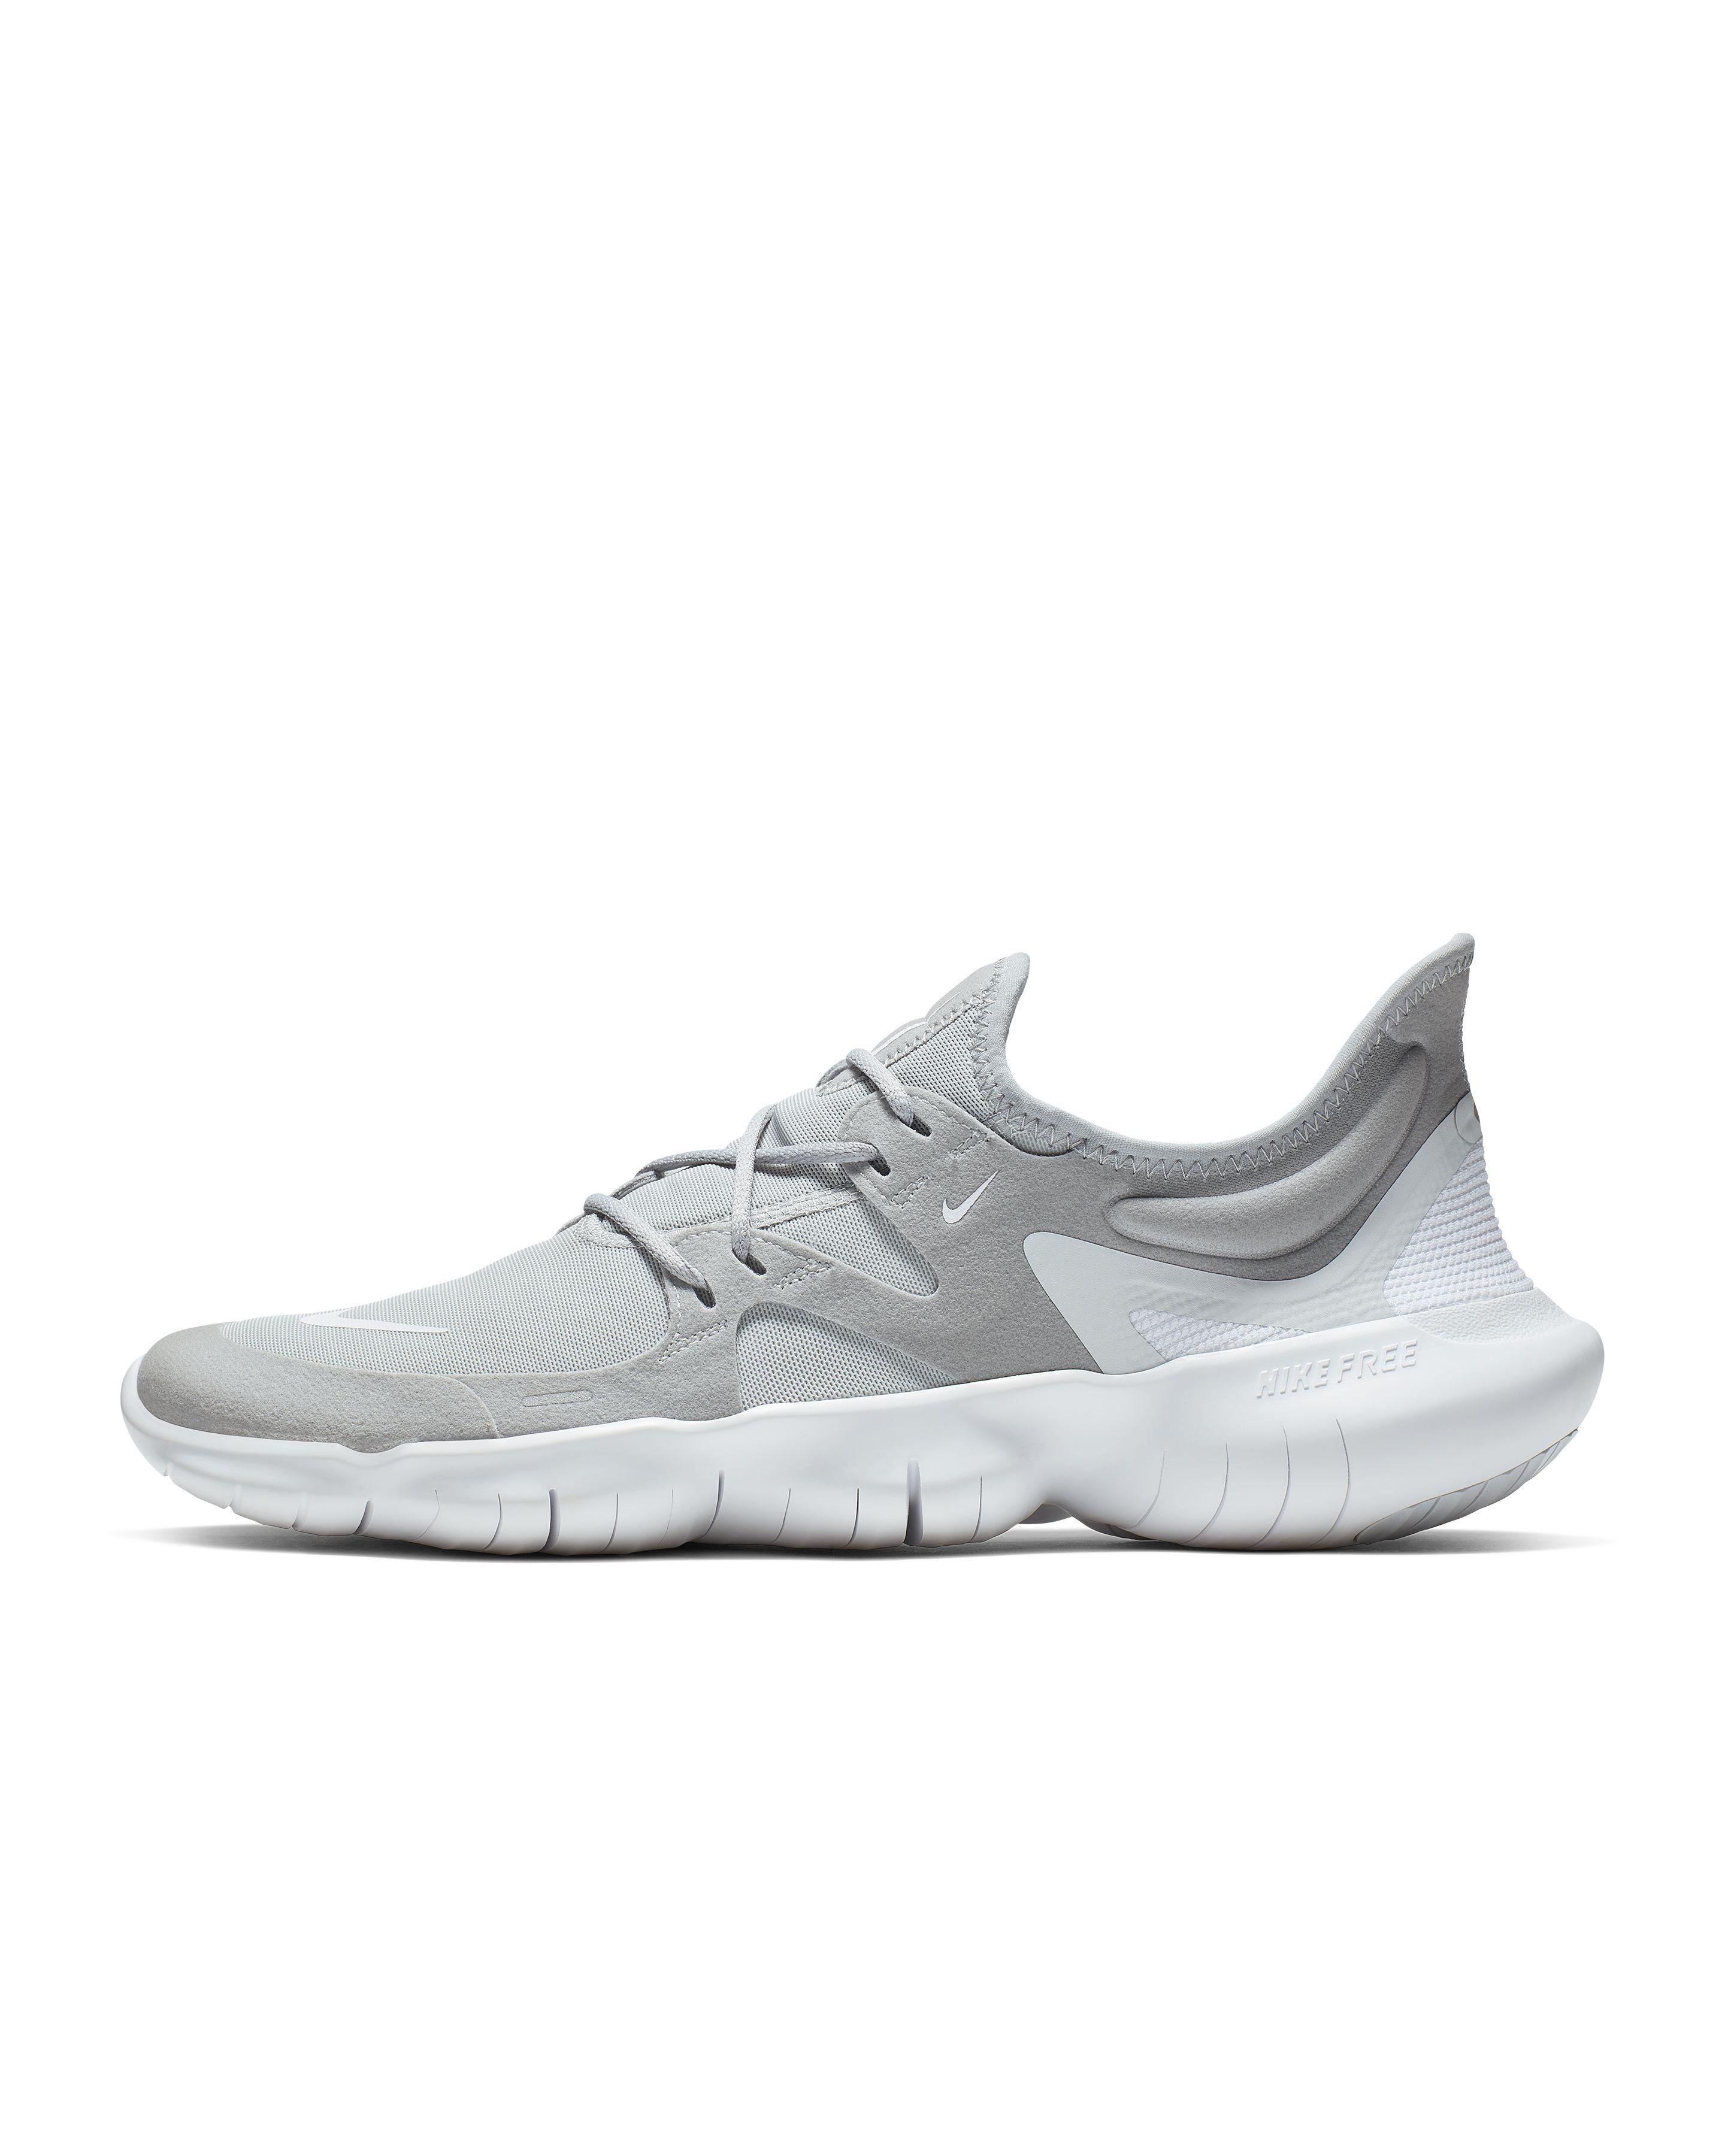 60e87b70b34ec Best Nike Running Shoes | Nike Shoe Reviews 2019